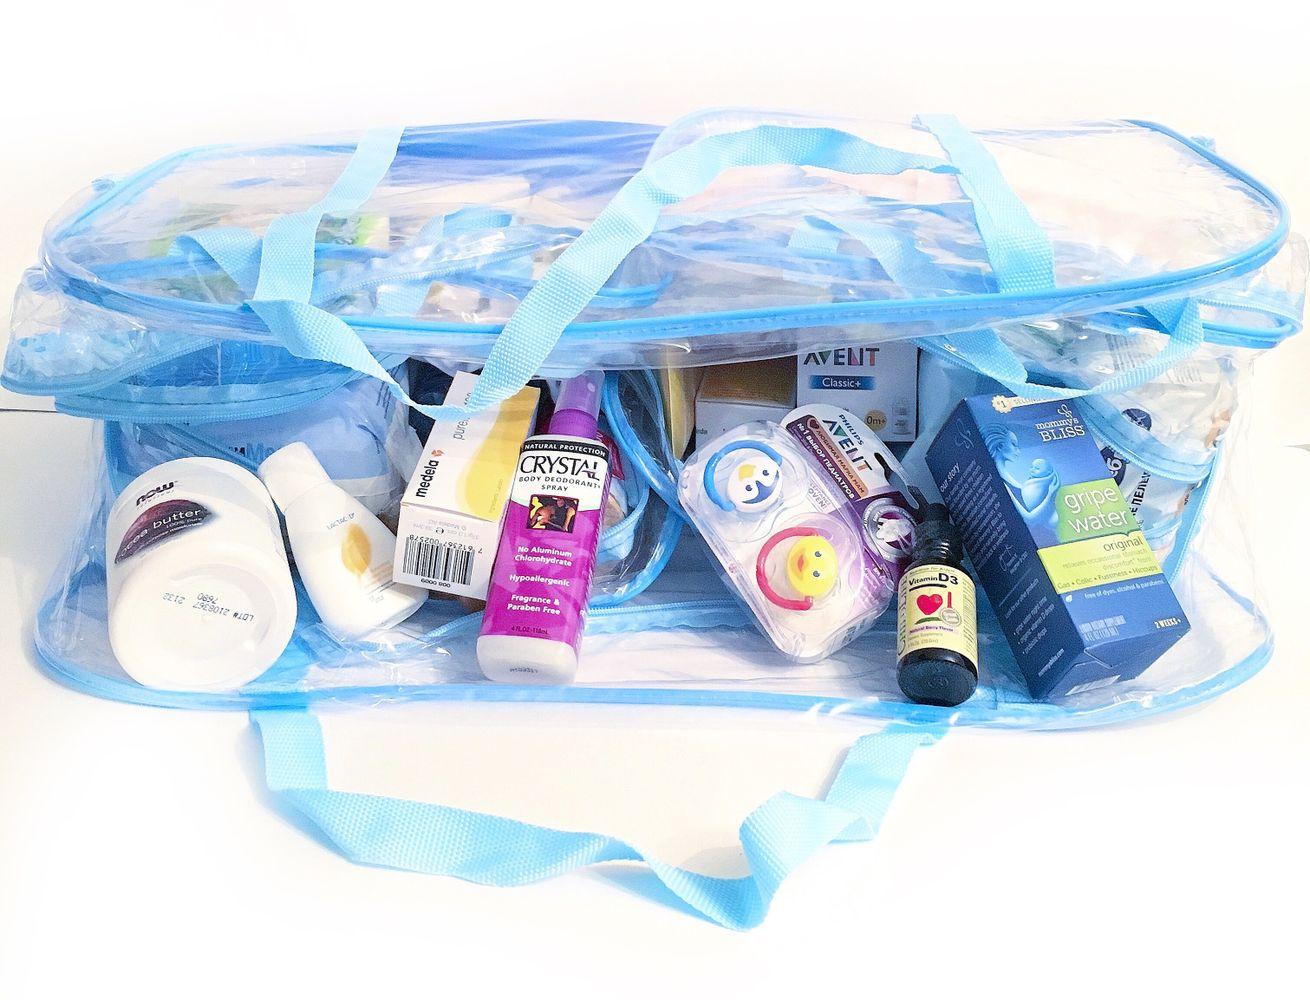 7a30ed6f3786 Мы предлагаем Вашему вниманию готовые наборы в роддом для мамы и малыша в  четырёх различных комплектациях, которые можно изменять: Стандарт, Комфорт,  ...